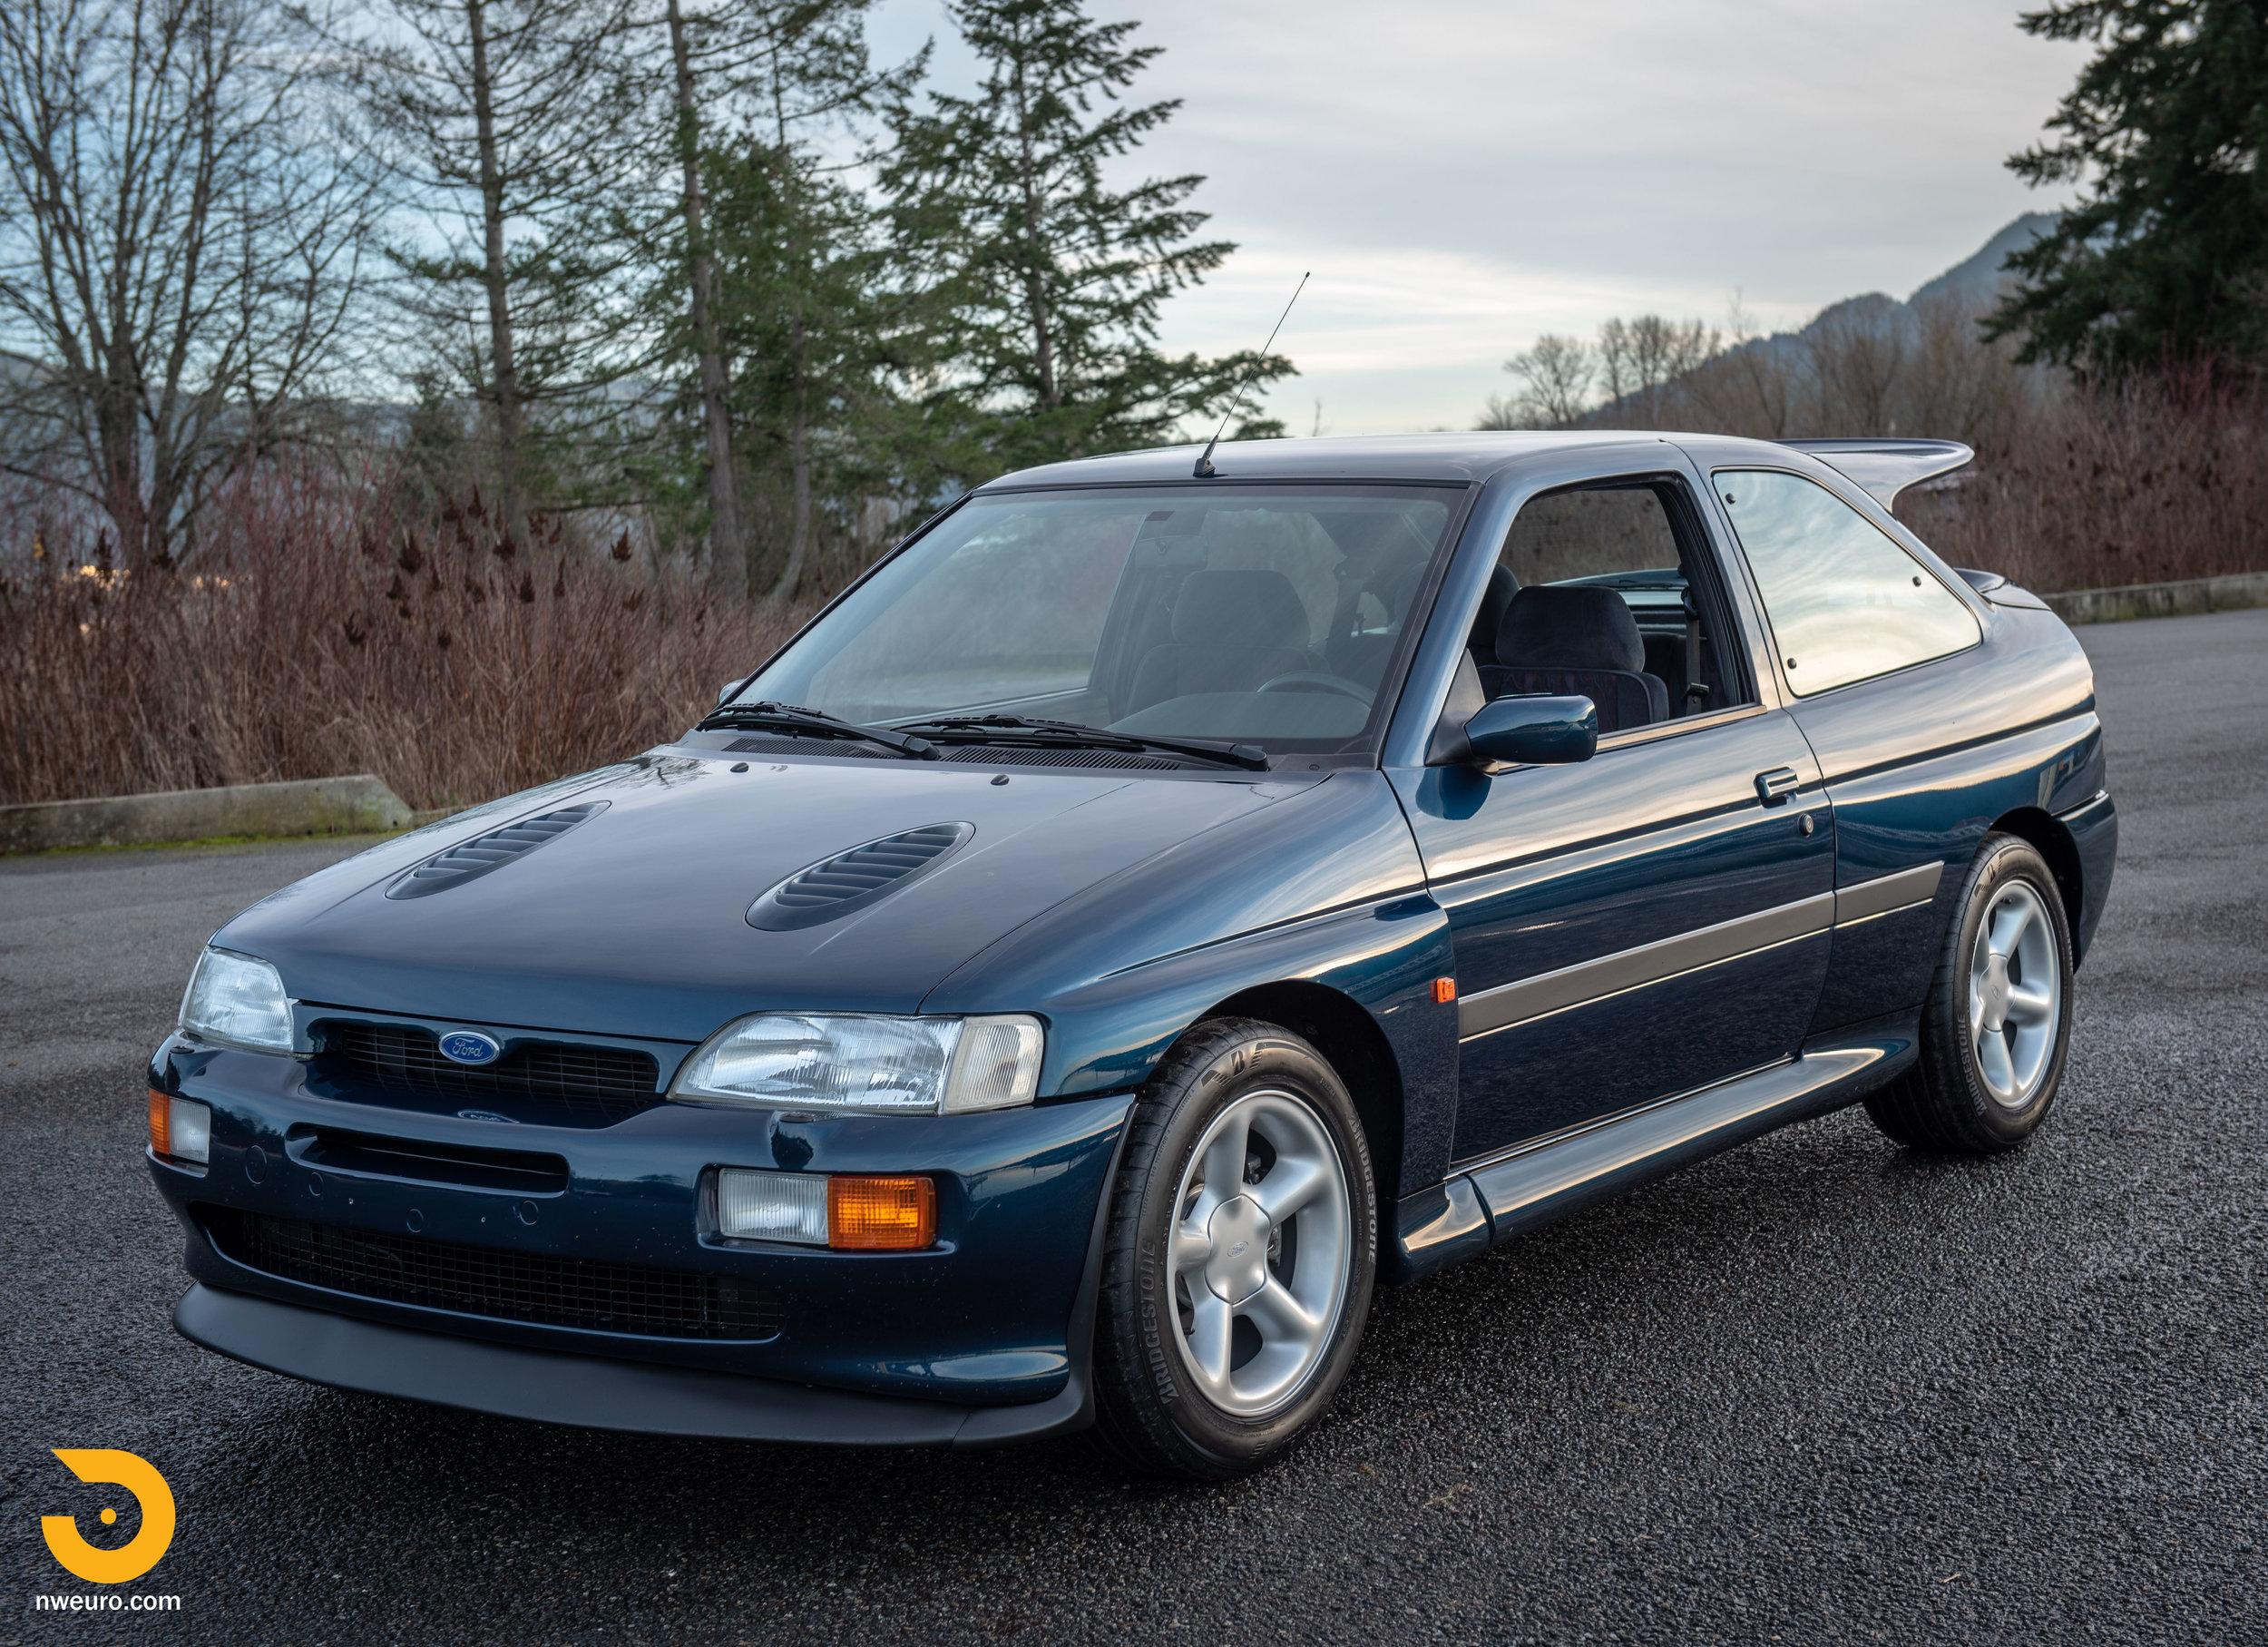 1995 Ford Escort Cosworth - Petrol Blue-69.jpg